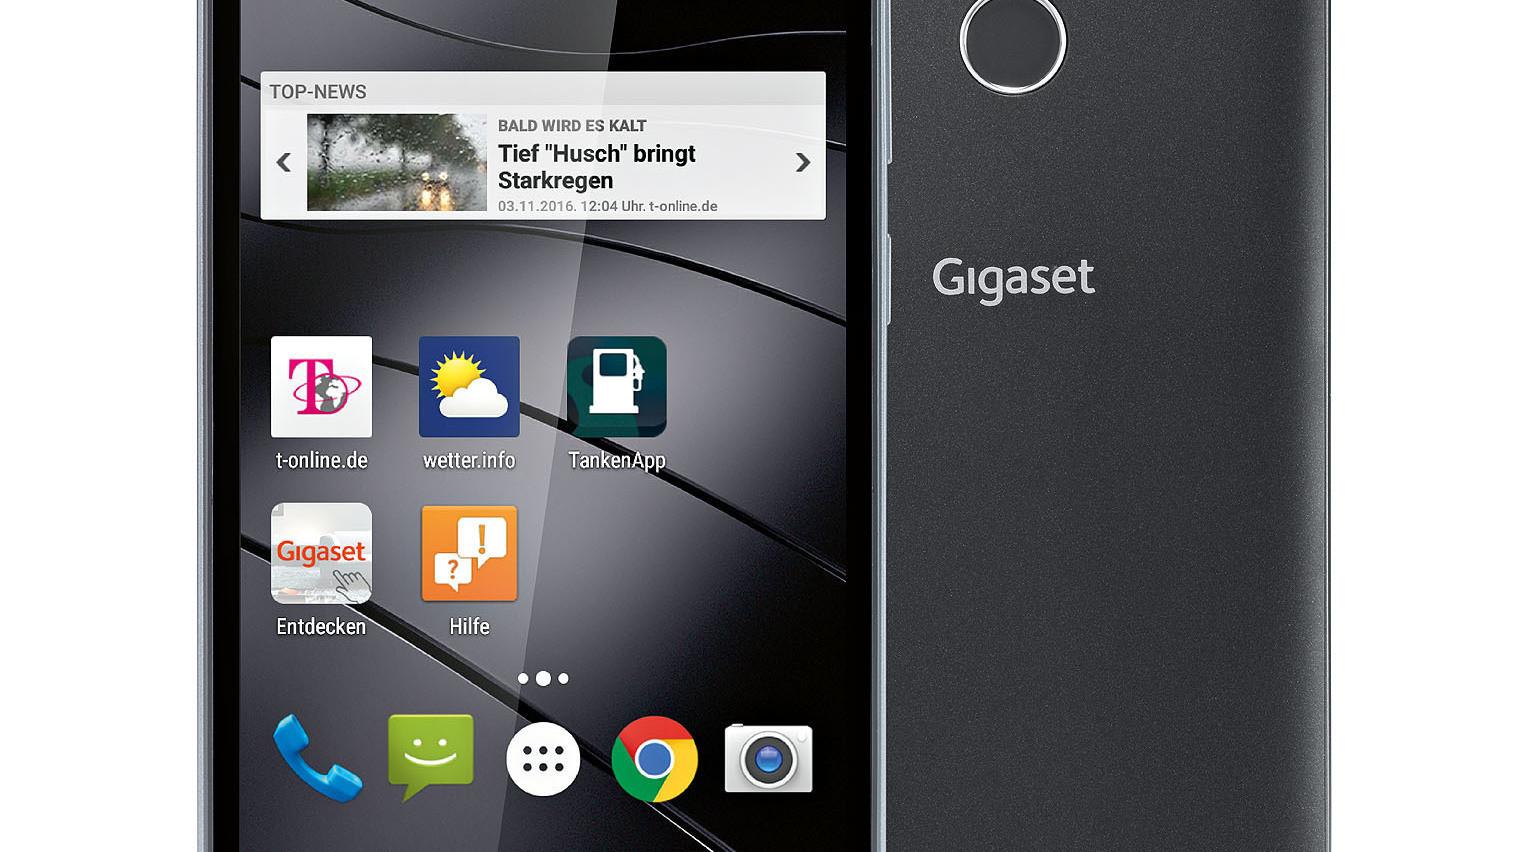 Gigaset GS160: Smartphone mit Fingerabdrucksensor für 149 ...